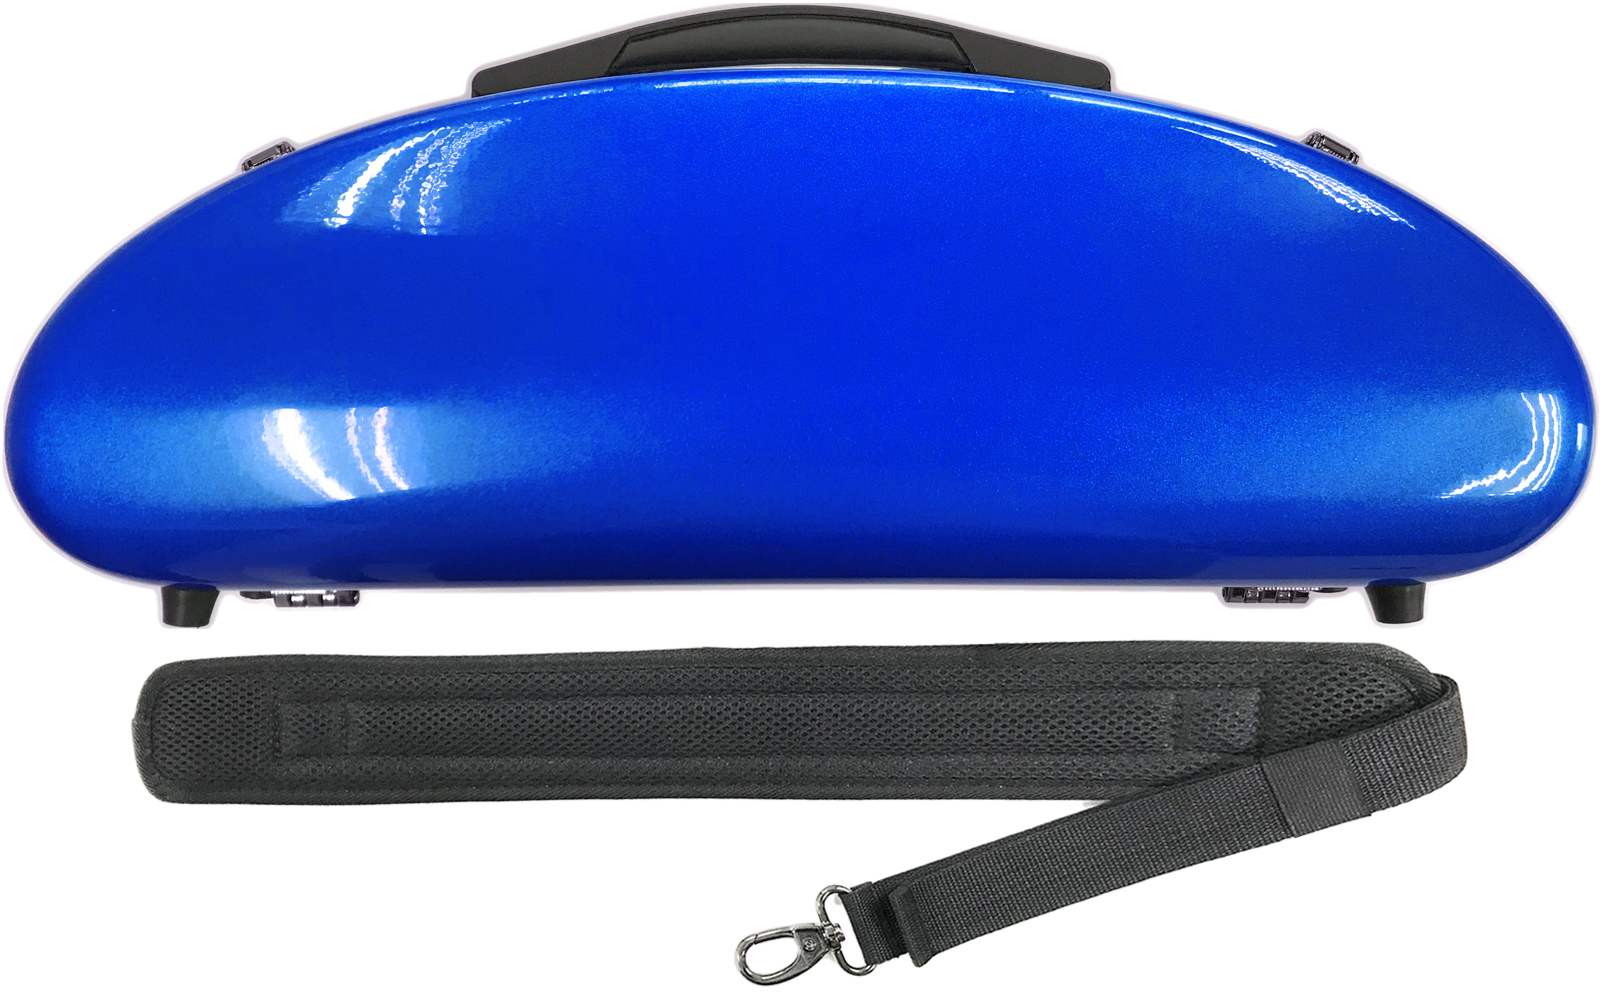 CCシャイニーケース II CC2-CLA-BL B♭ クラリネット用 ケース ブルー ハードケース クラリネットケース clarinet case 青色 Blue BL ショルダータイプ